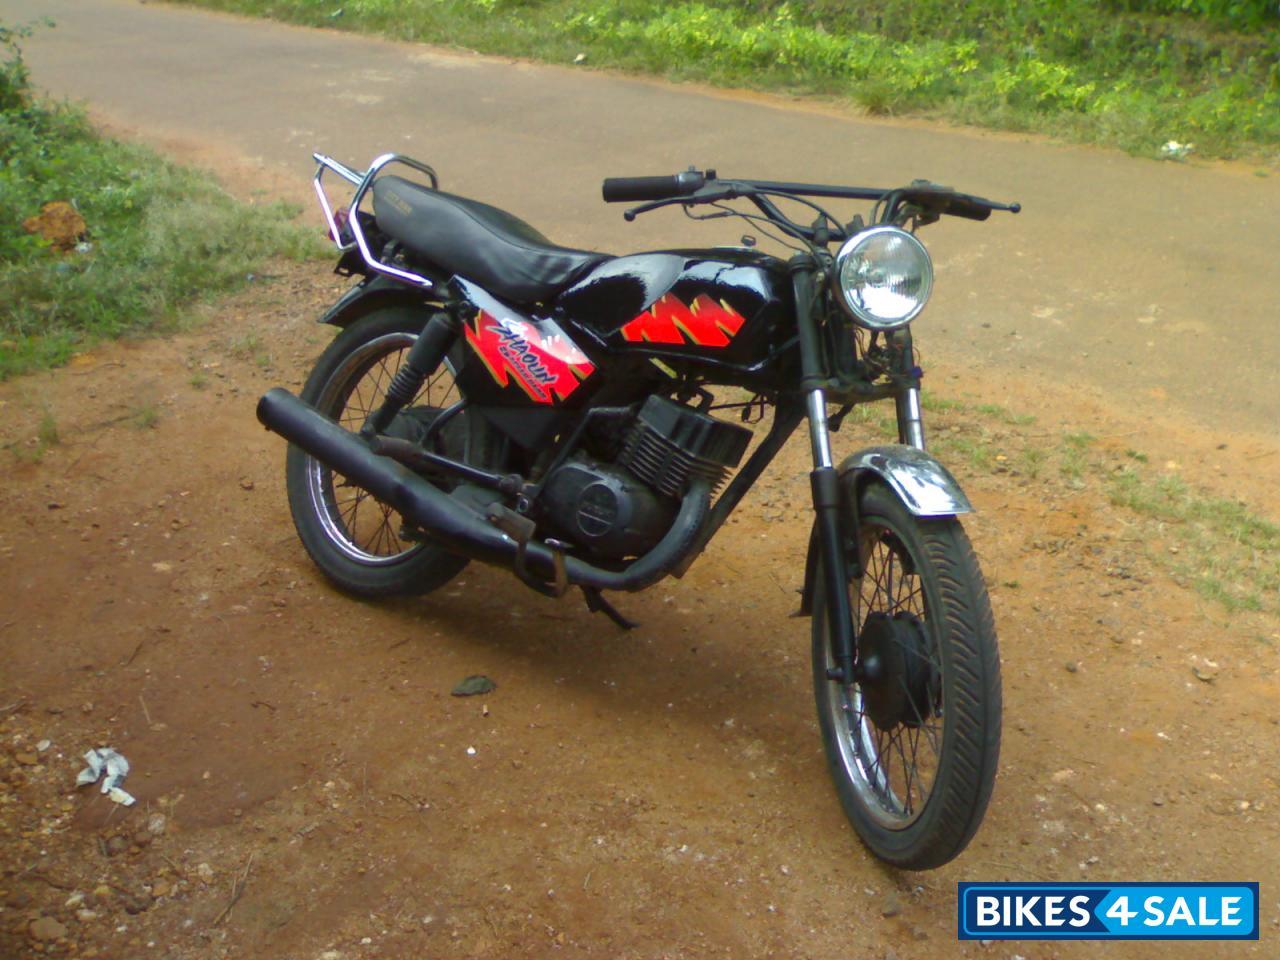 Suzuki Shogun Bike Tvs suzuki shogun photos, images and wallpapers ...